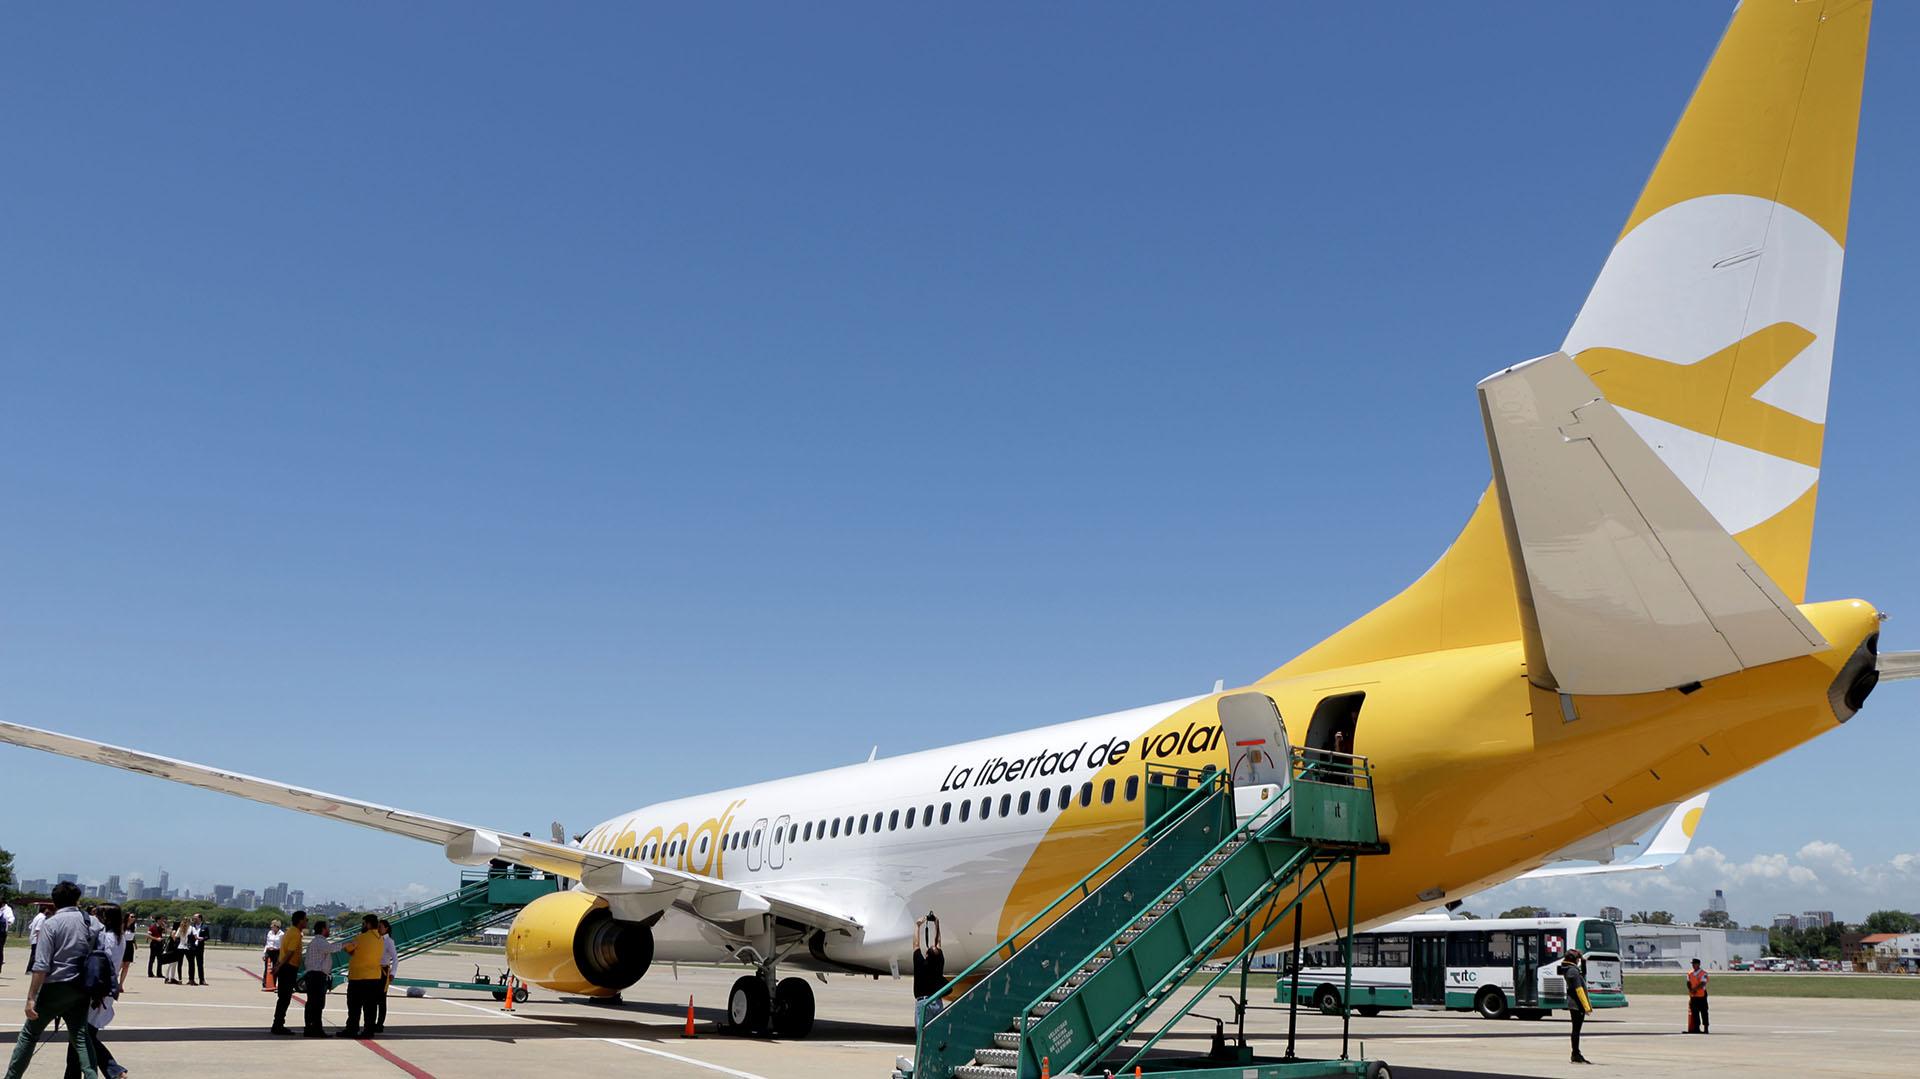 El aviónaterrizó por primera vez en Buenos Aires luego de llegara Córdoba la semana pasada, donde se hizo el primer bautismo con agua